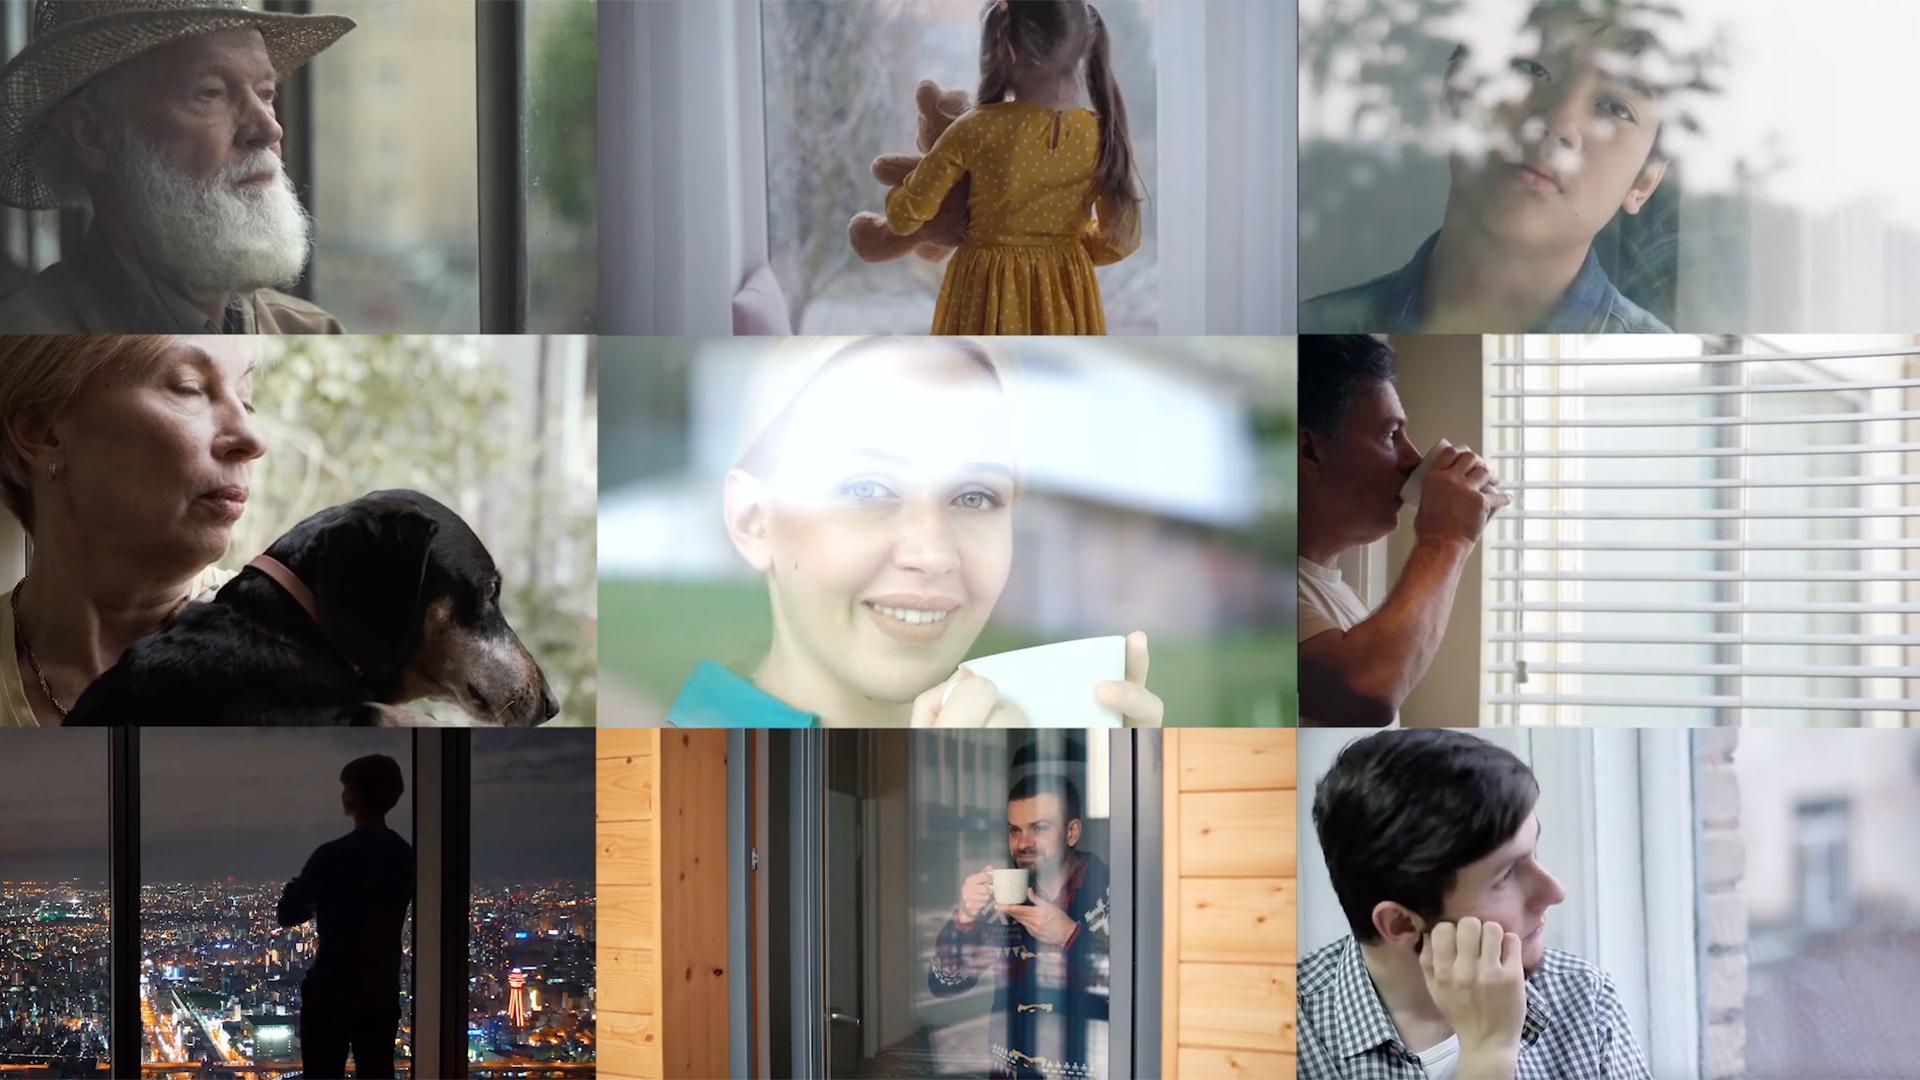 【视频】BenQ显示器 |在家工作学习和休闲娱乐的好伙伴